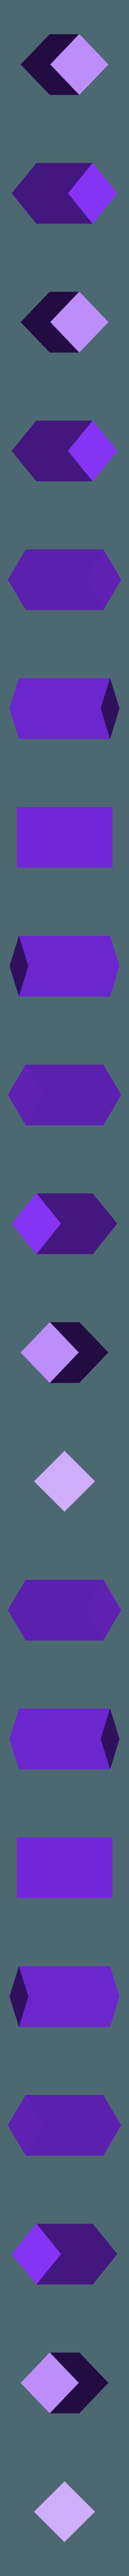 pin right arm.stl Télécharger fichier STL gratuit Nécoline • Design pour impression 3D, DarkRadamanthys